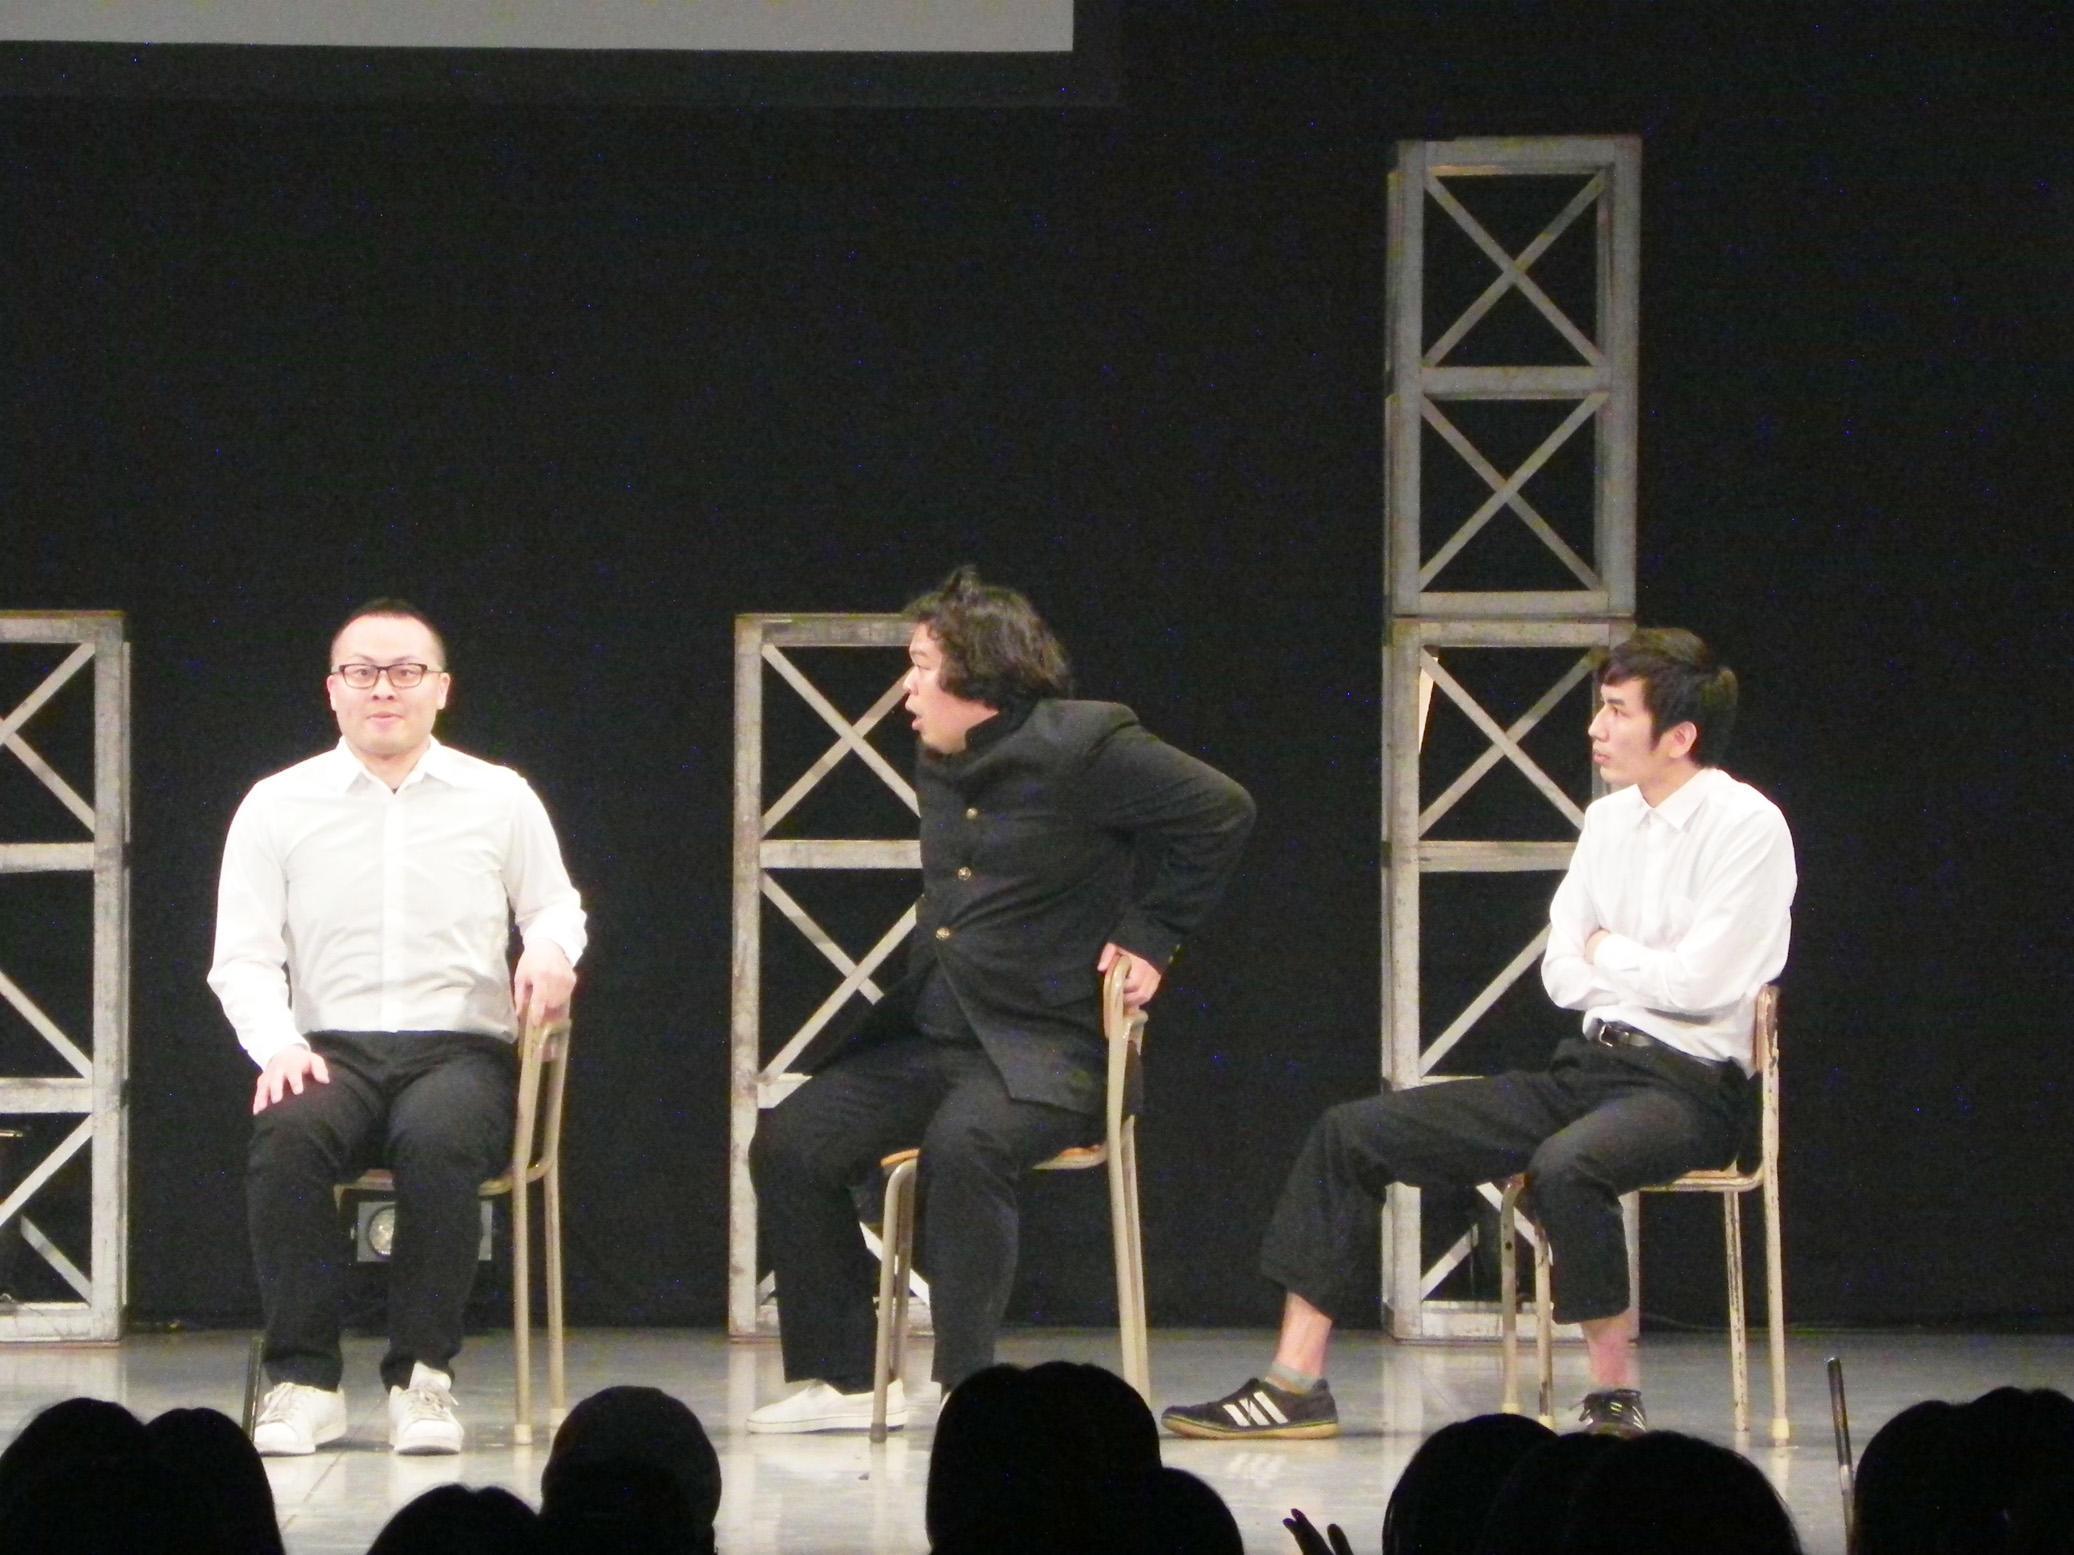 http://news.yoshimoto.co.jp/20170507154558-ec4f05ec650e74a6f8e67b6d58625183610b69d5.jpg